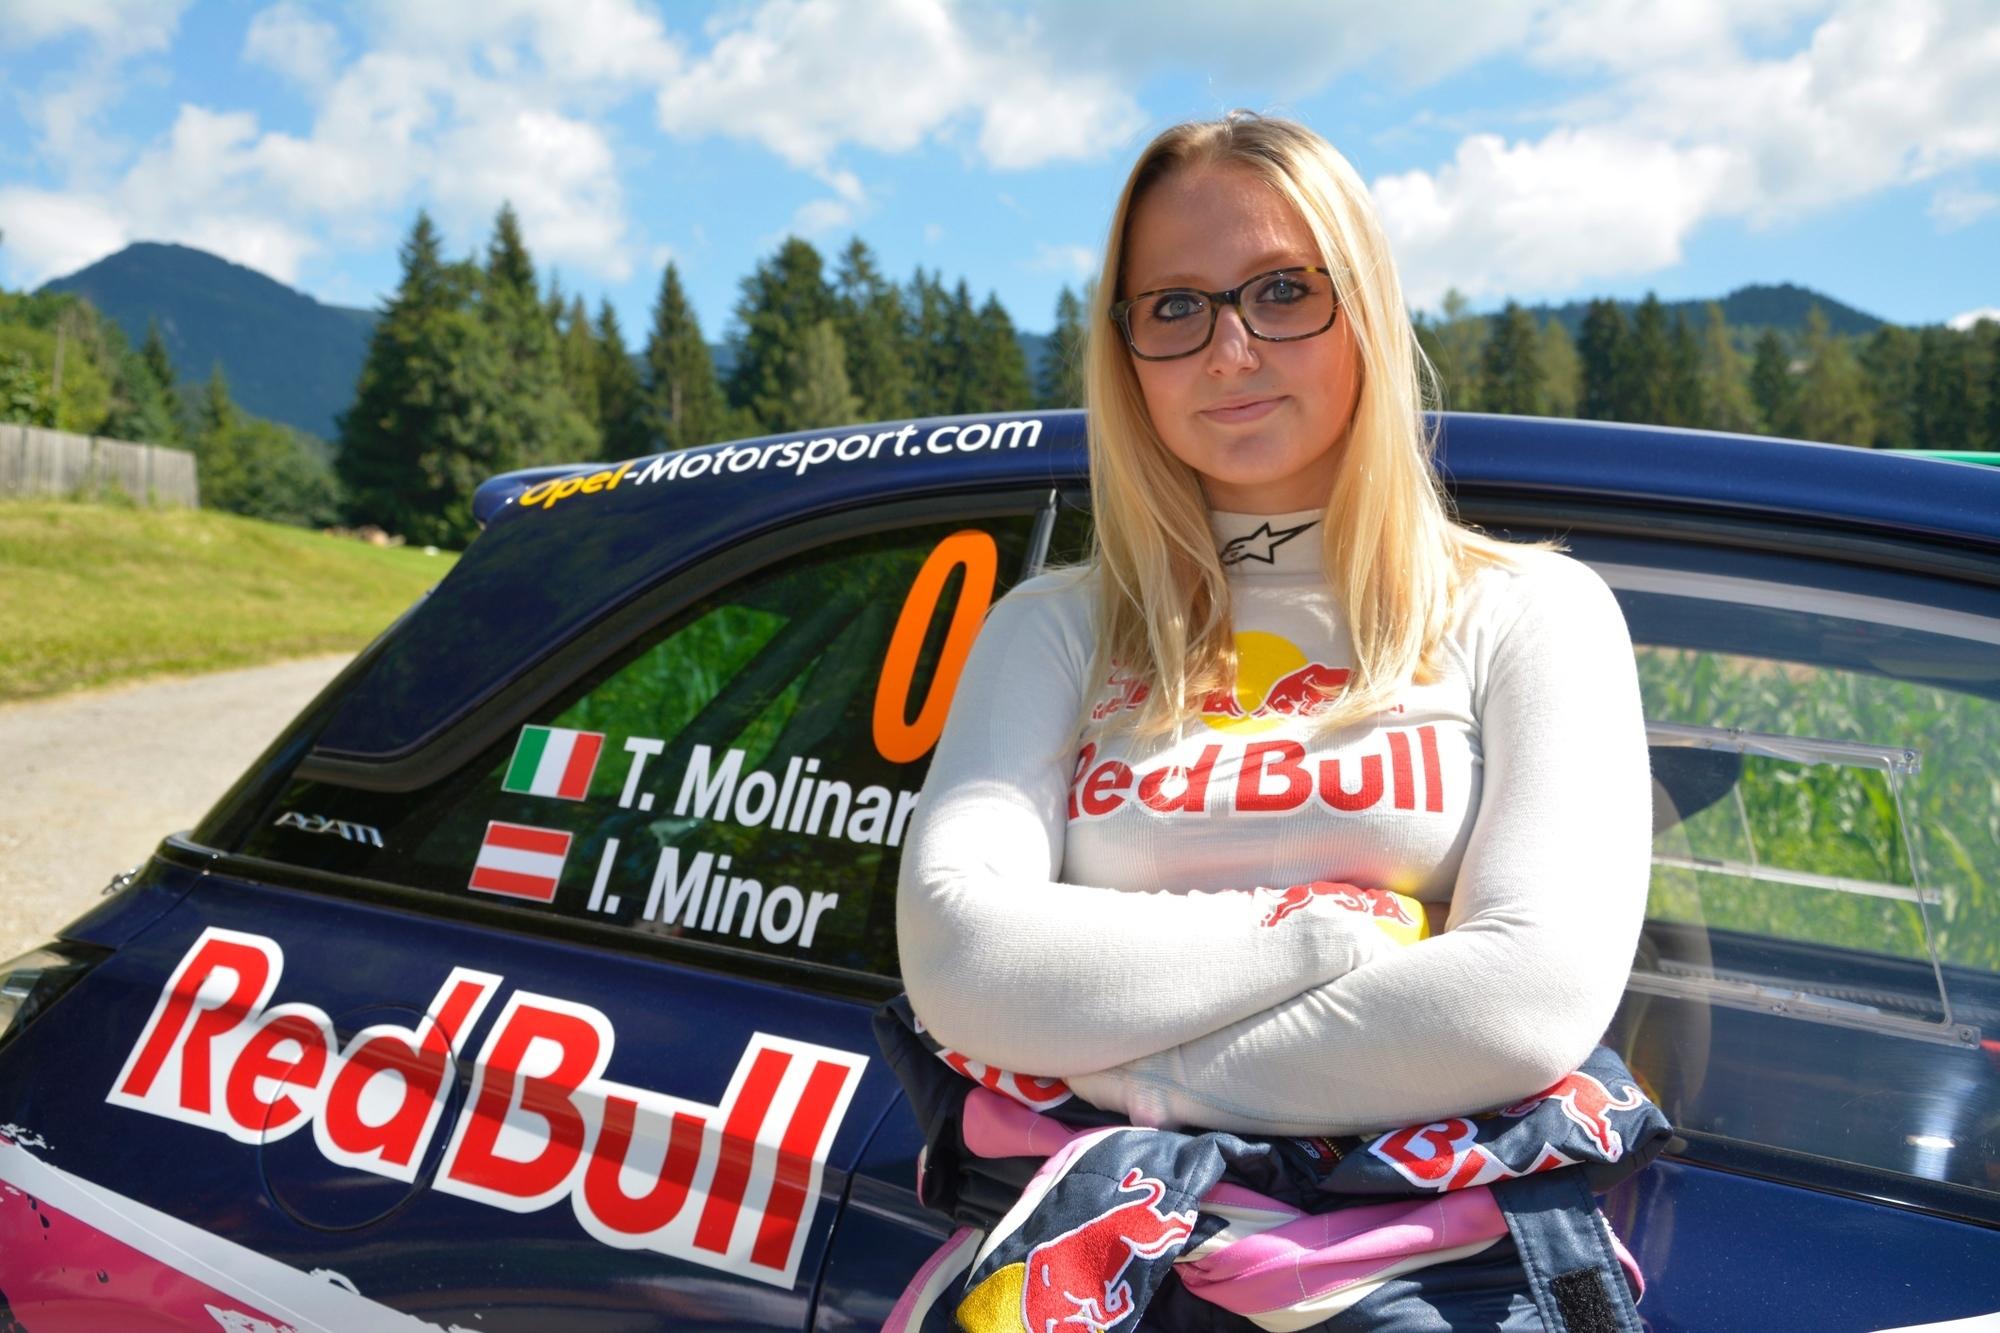 mid Groß-Gerau - Die hübsche Rennfahrerin und der schnelle Adam: Tamara Molinaro (18) freut sich auf ihren Rallye-Einsatz im 170 PS starken Opel Adam R2.